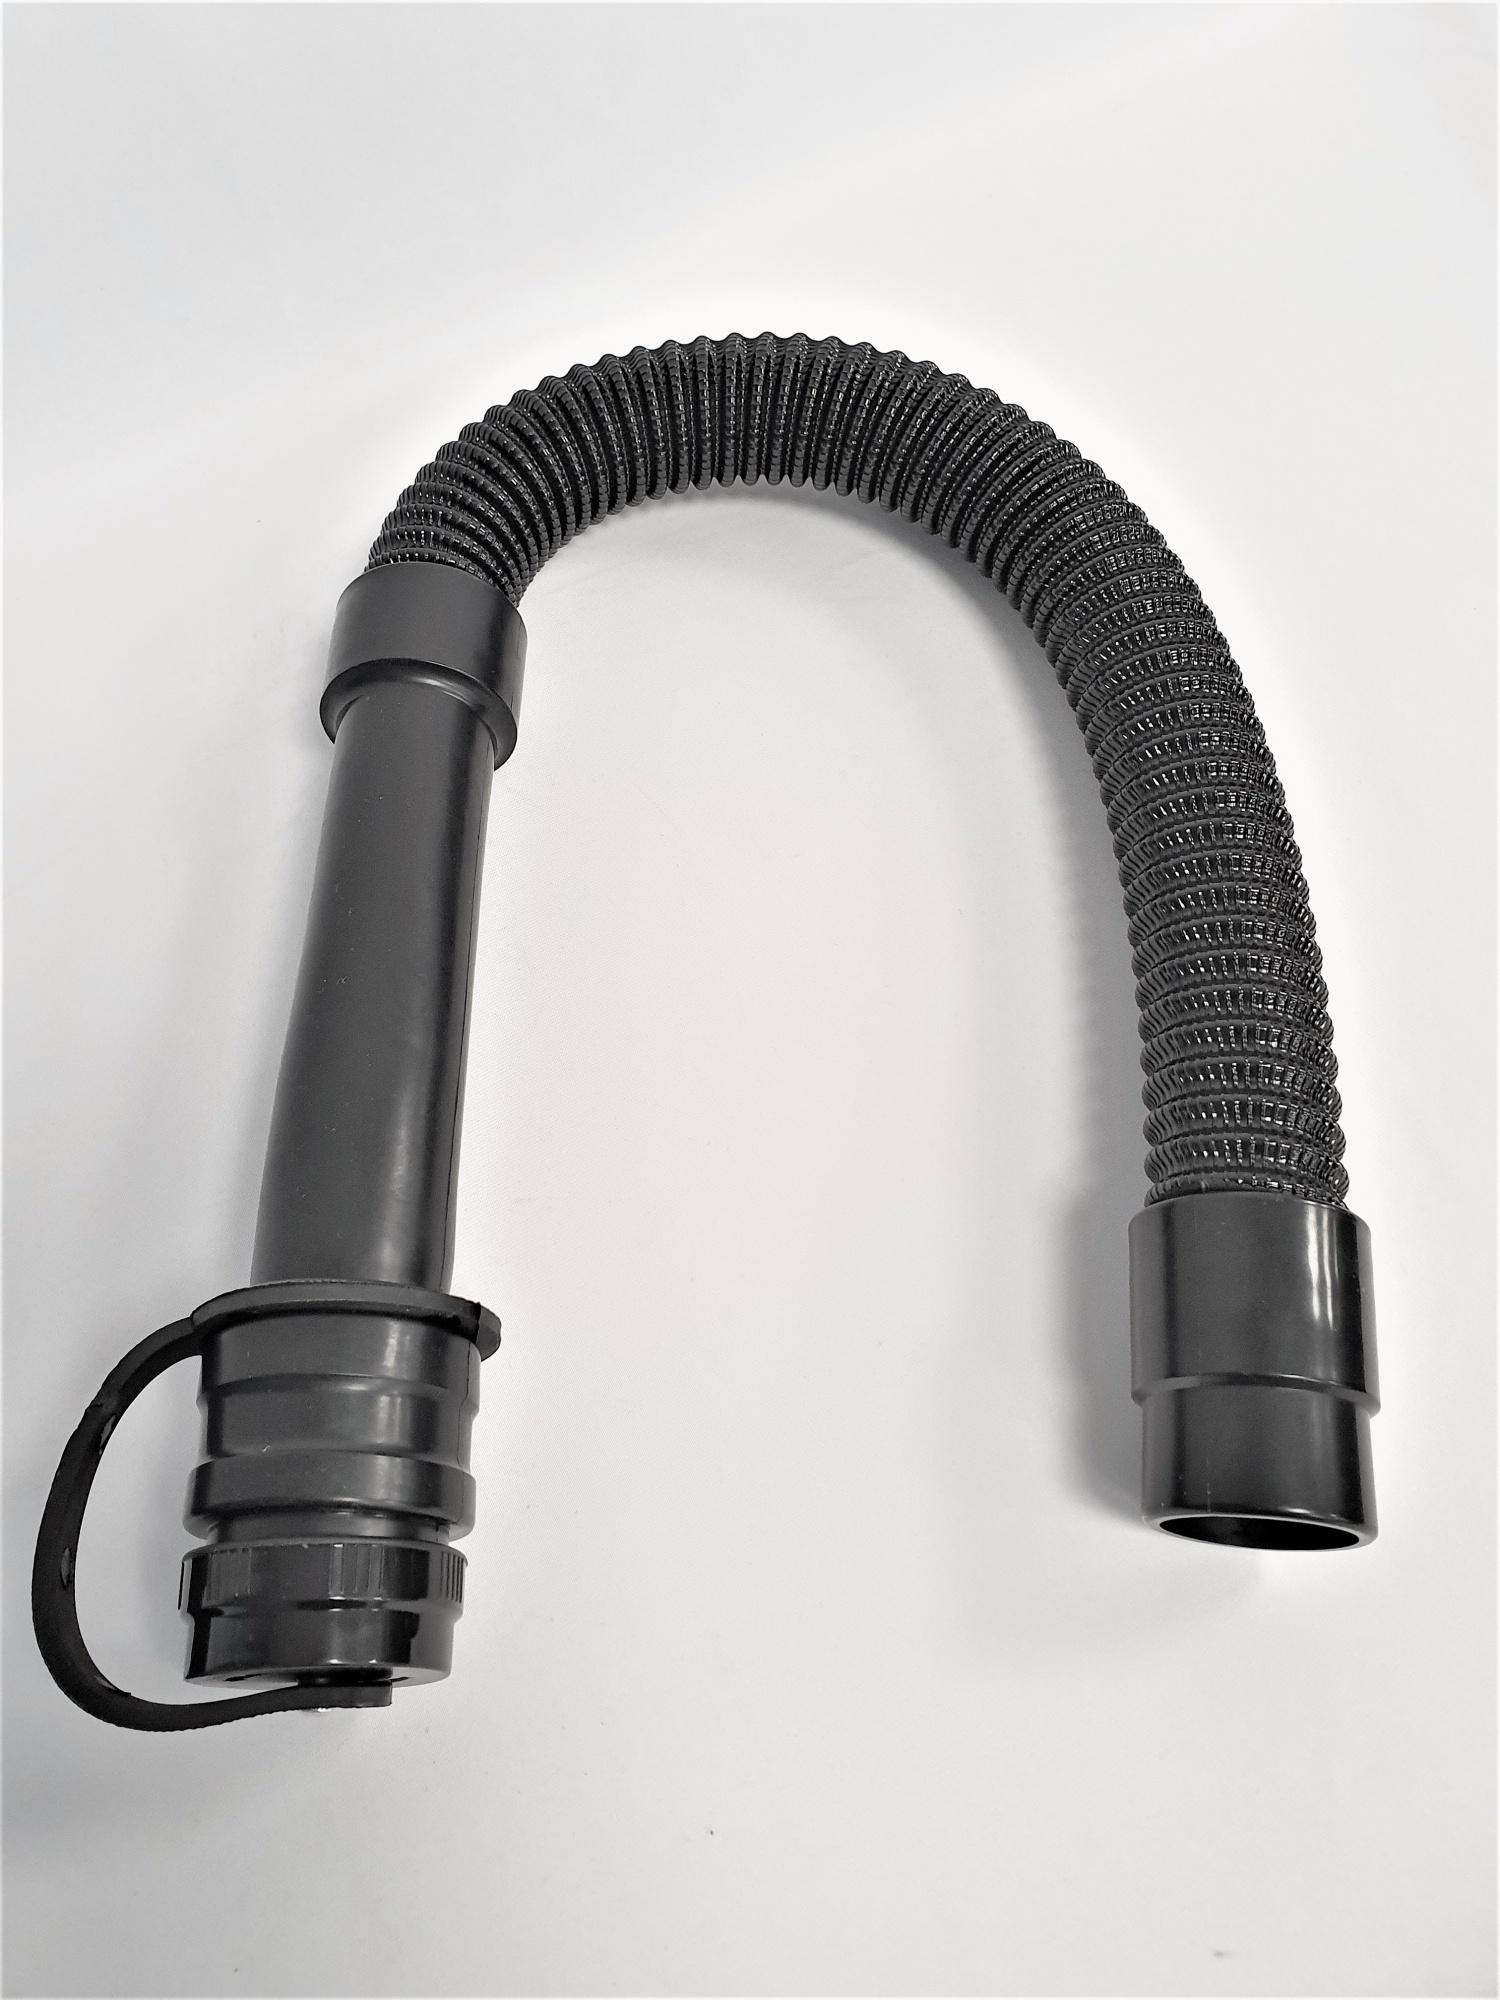 Tuyau de vidange eau sale pour Autolaveuse VIPER AS 430 C